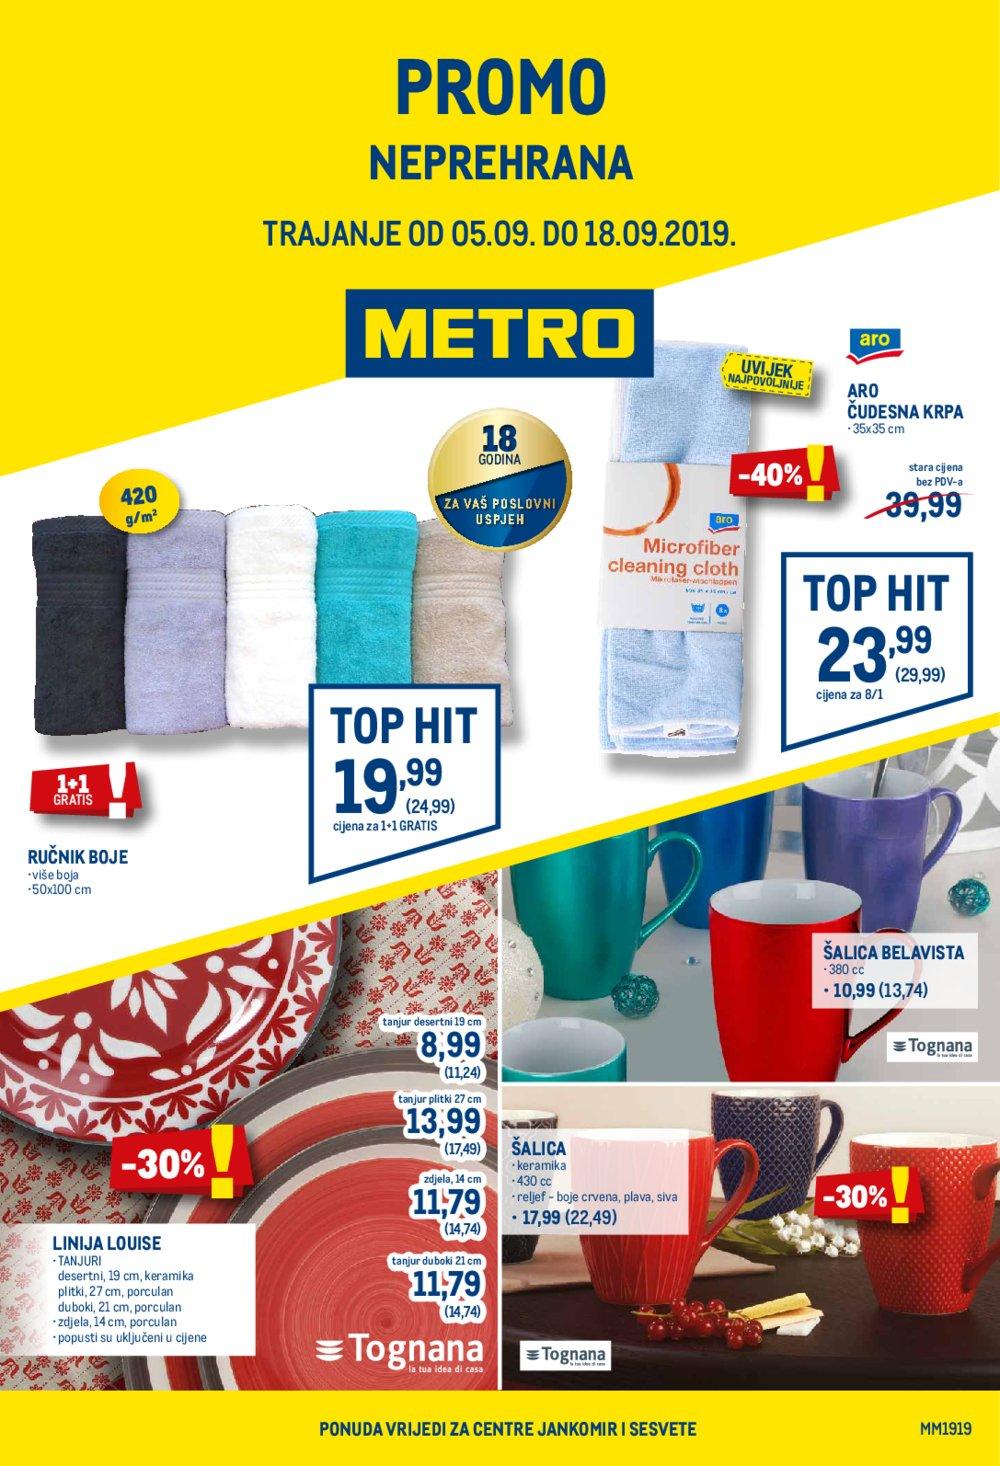 Metro katalog posebna ponuda neprehrane 05.09.-18.09.2019.